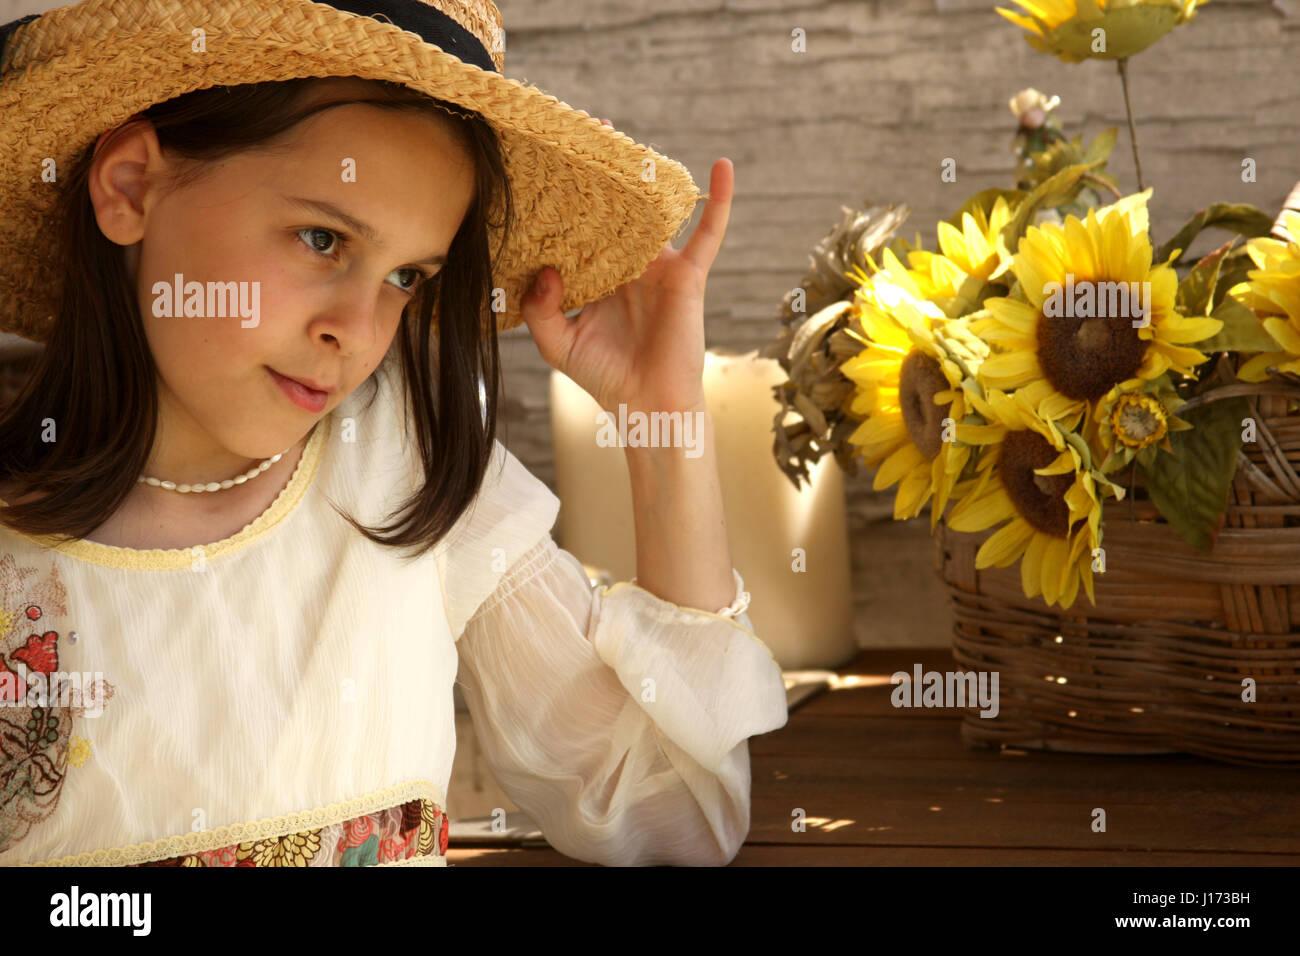 67ecea30c584 Giovane ragazza in abbigliamento elegante nel paese- decor chic Foto ...